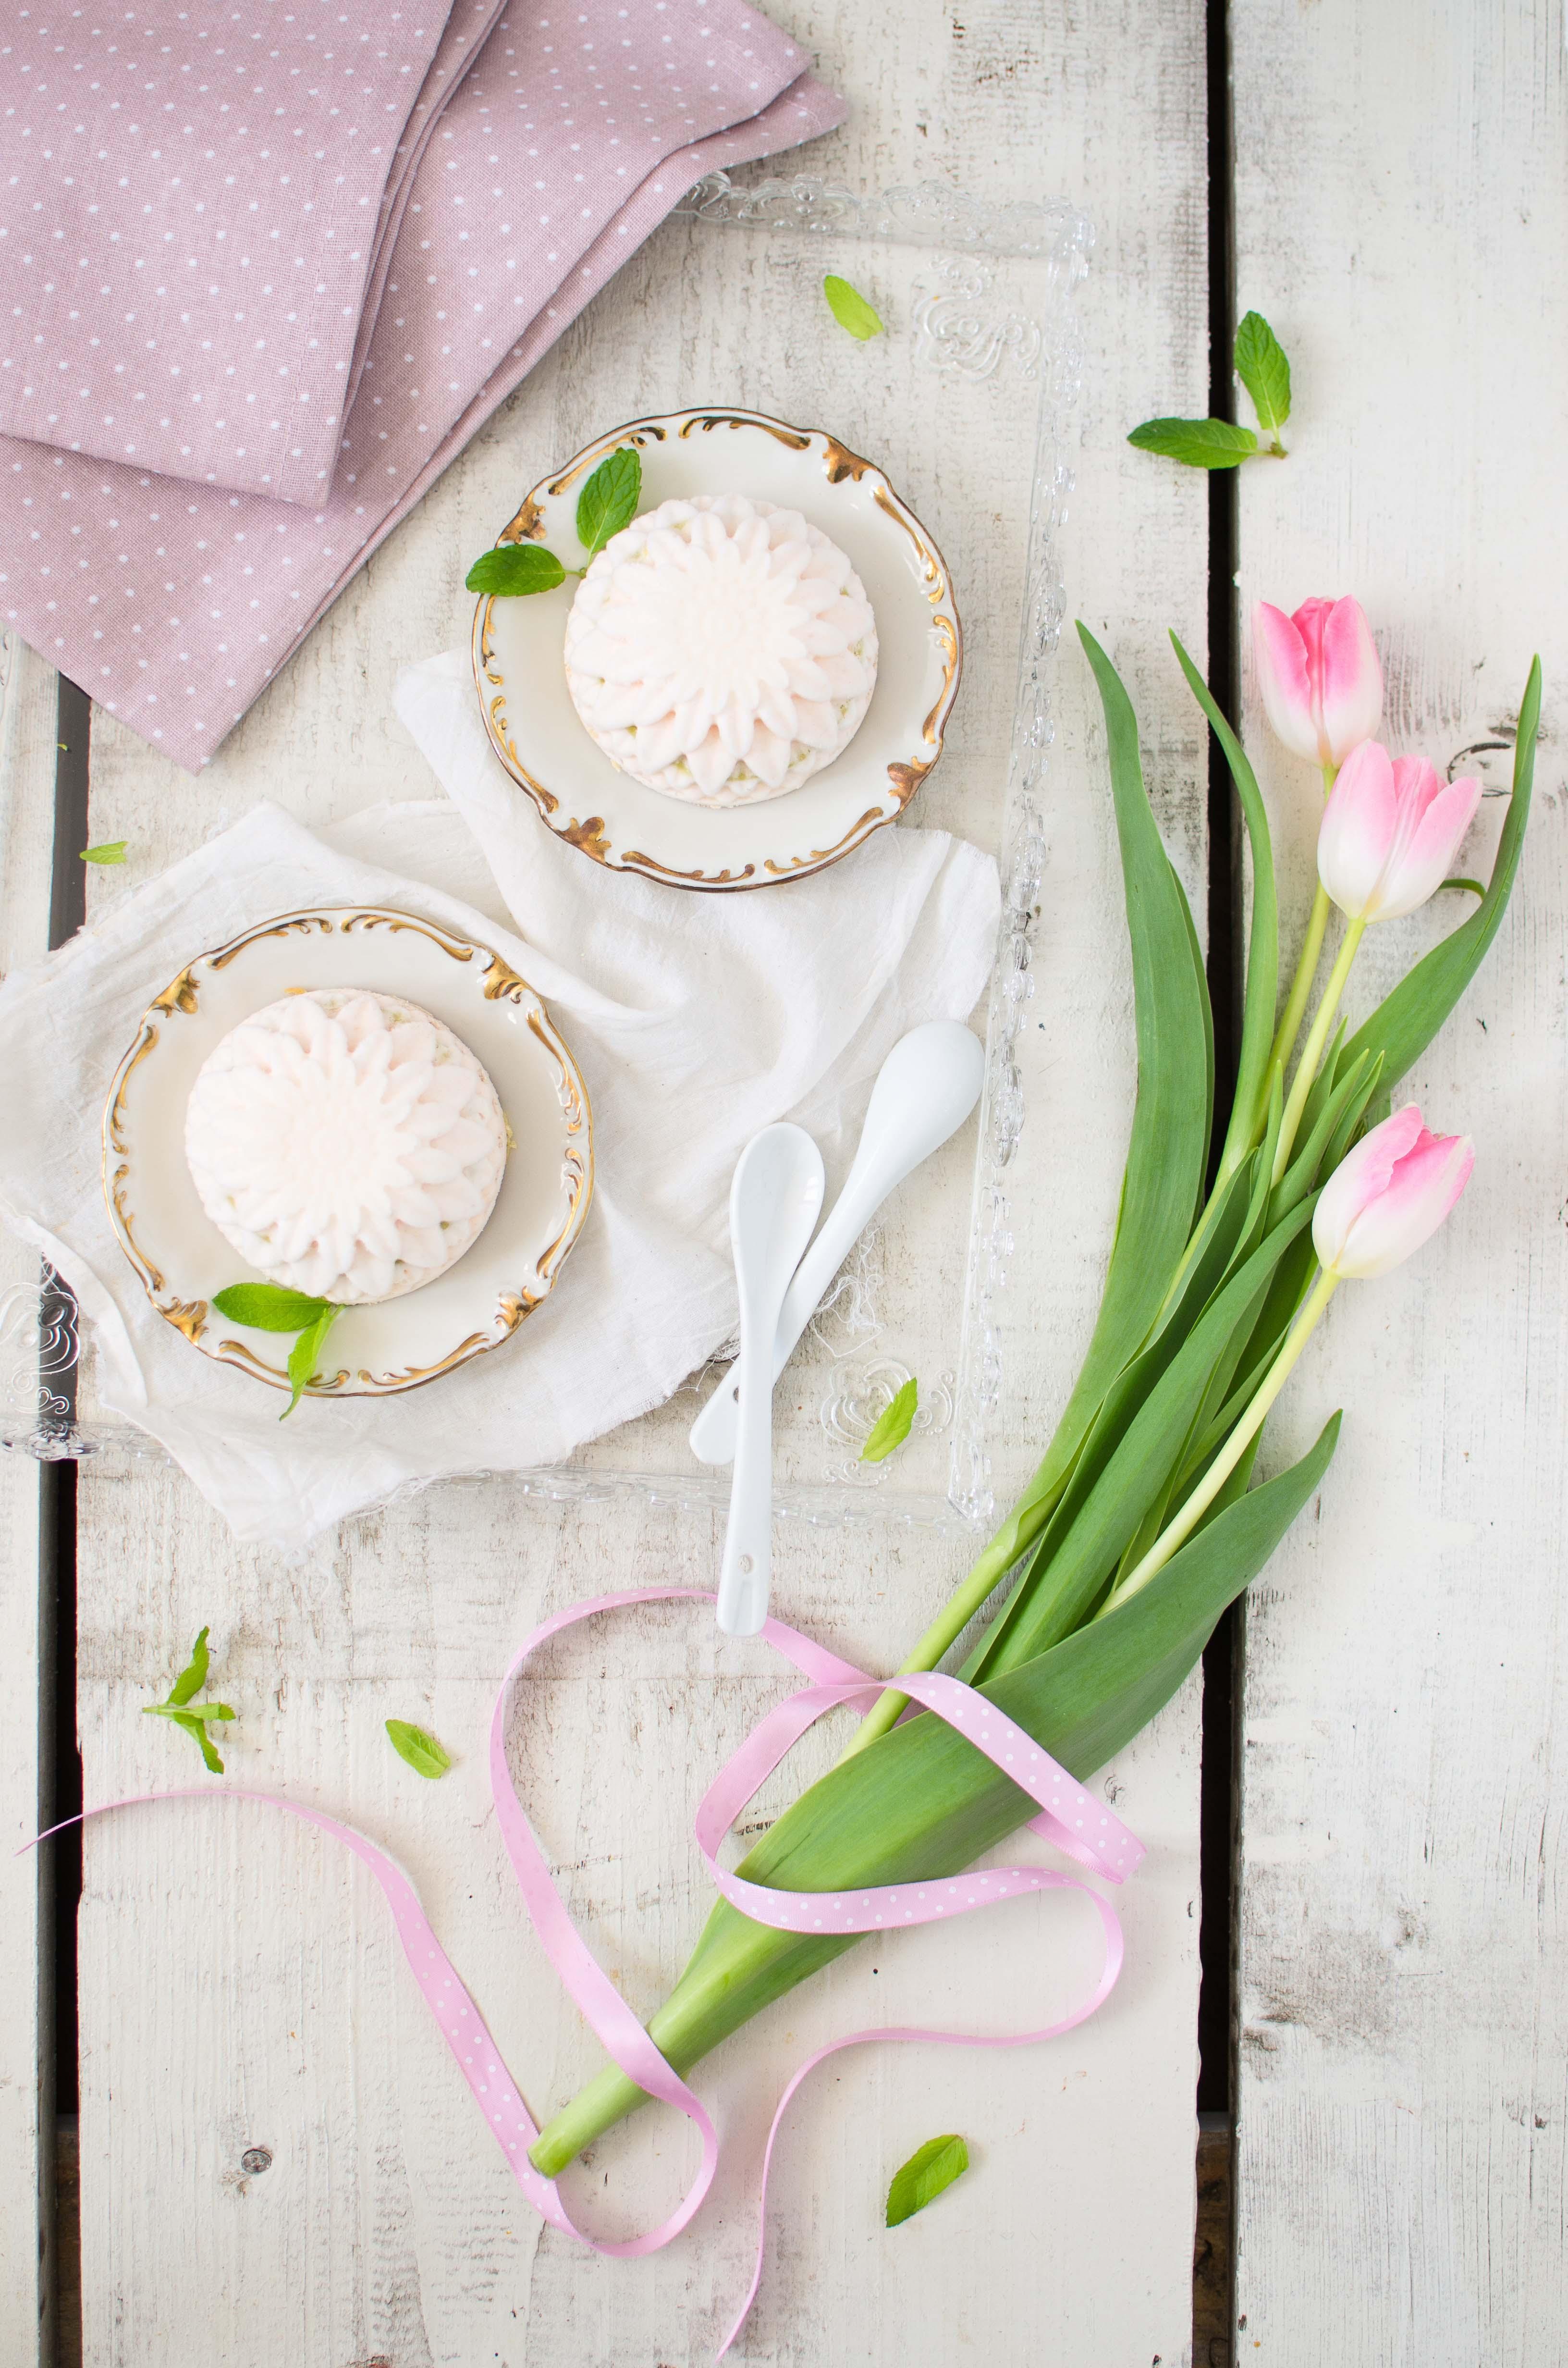 mousse_pompelmo_pistacchio2 Mousse al pompelmo rosa e pistacchi